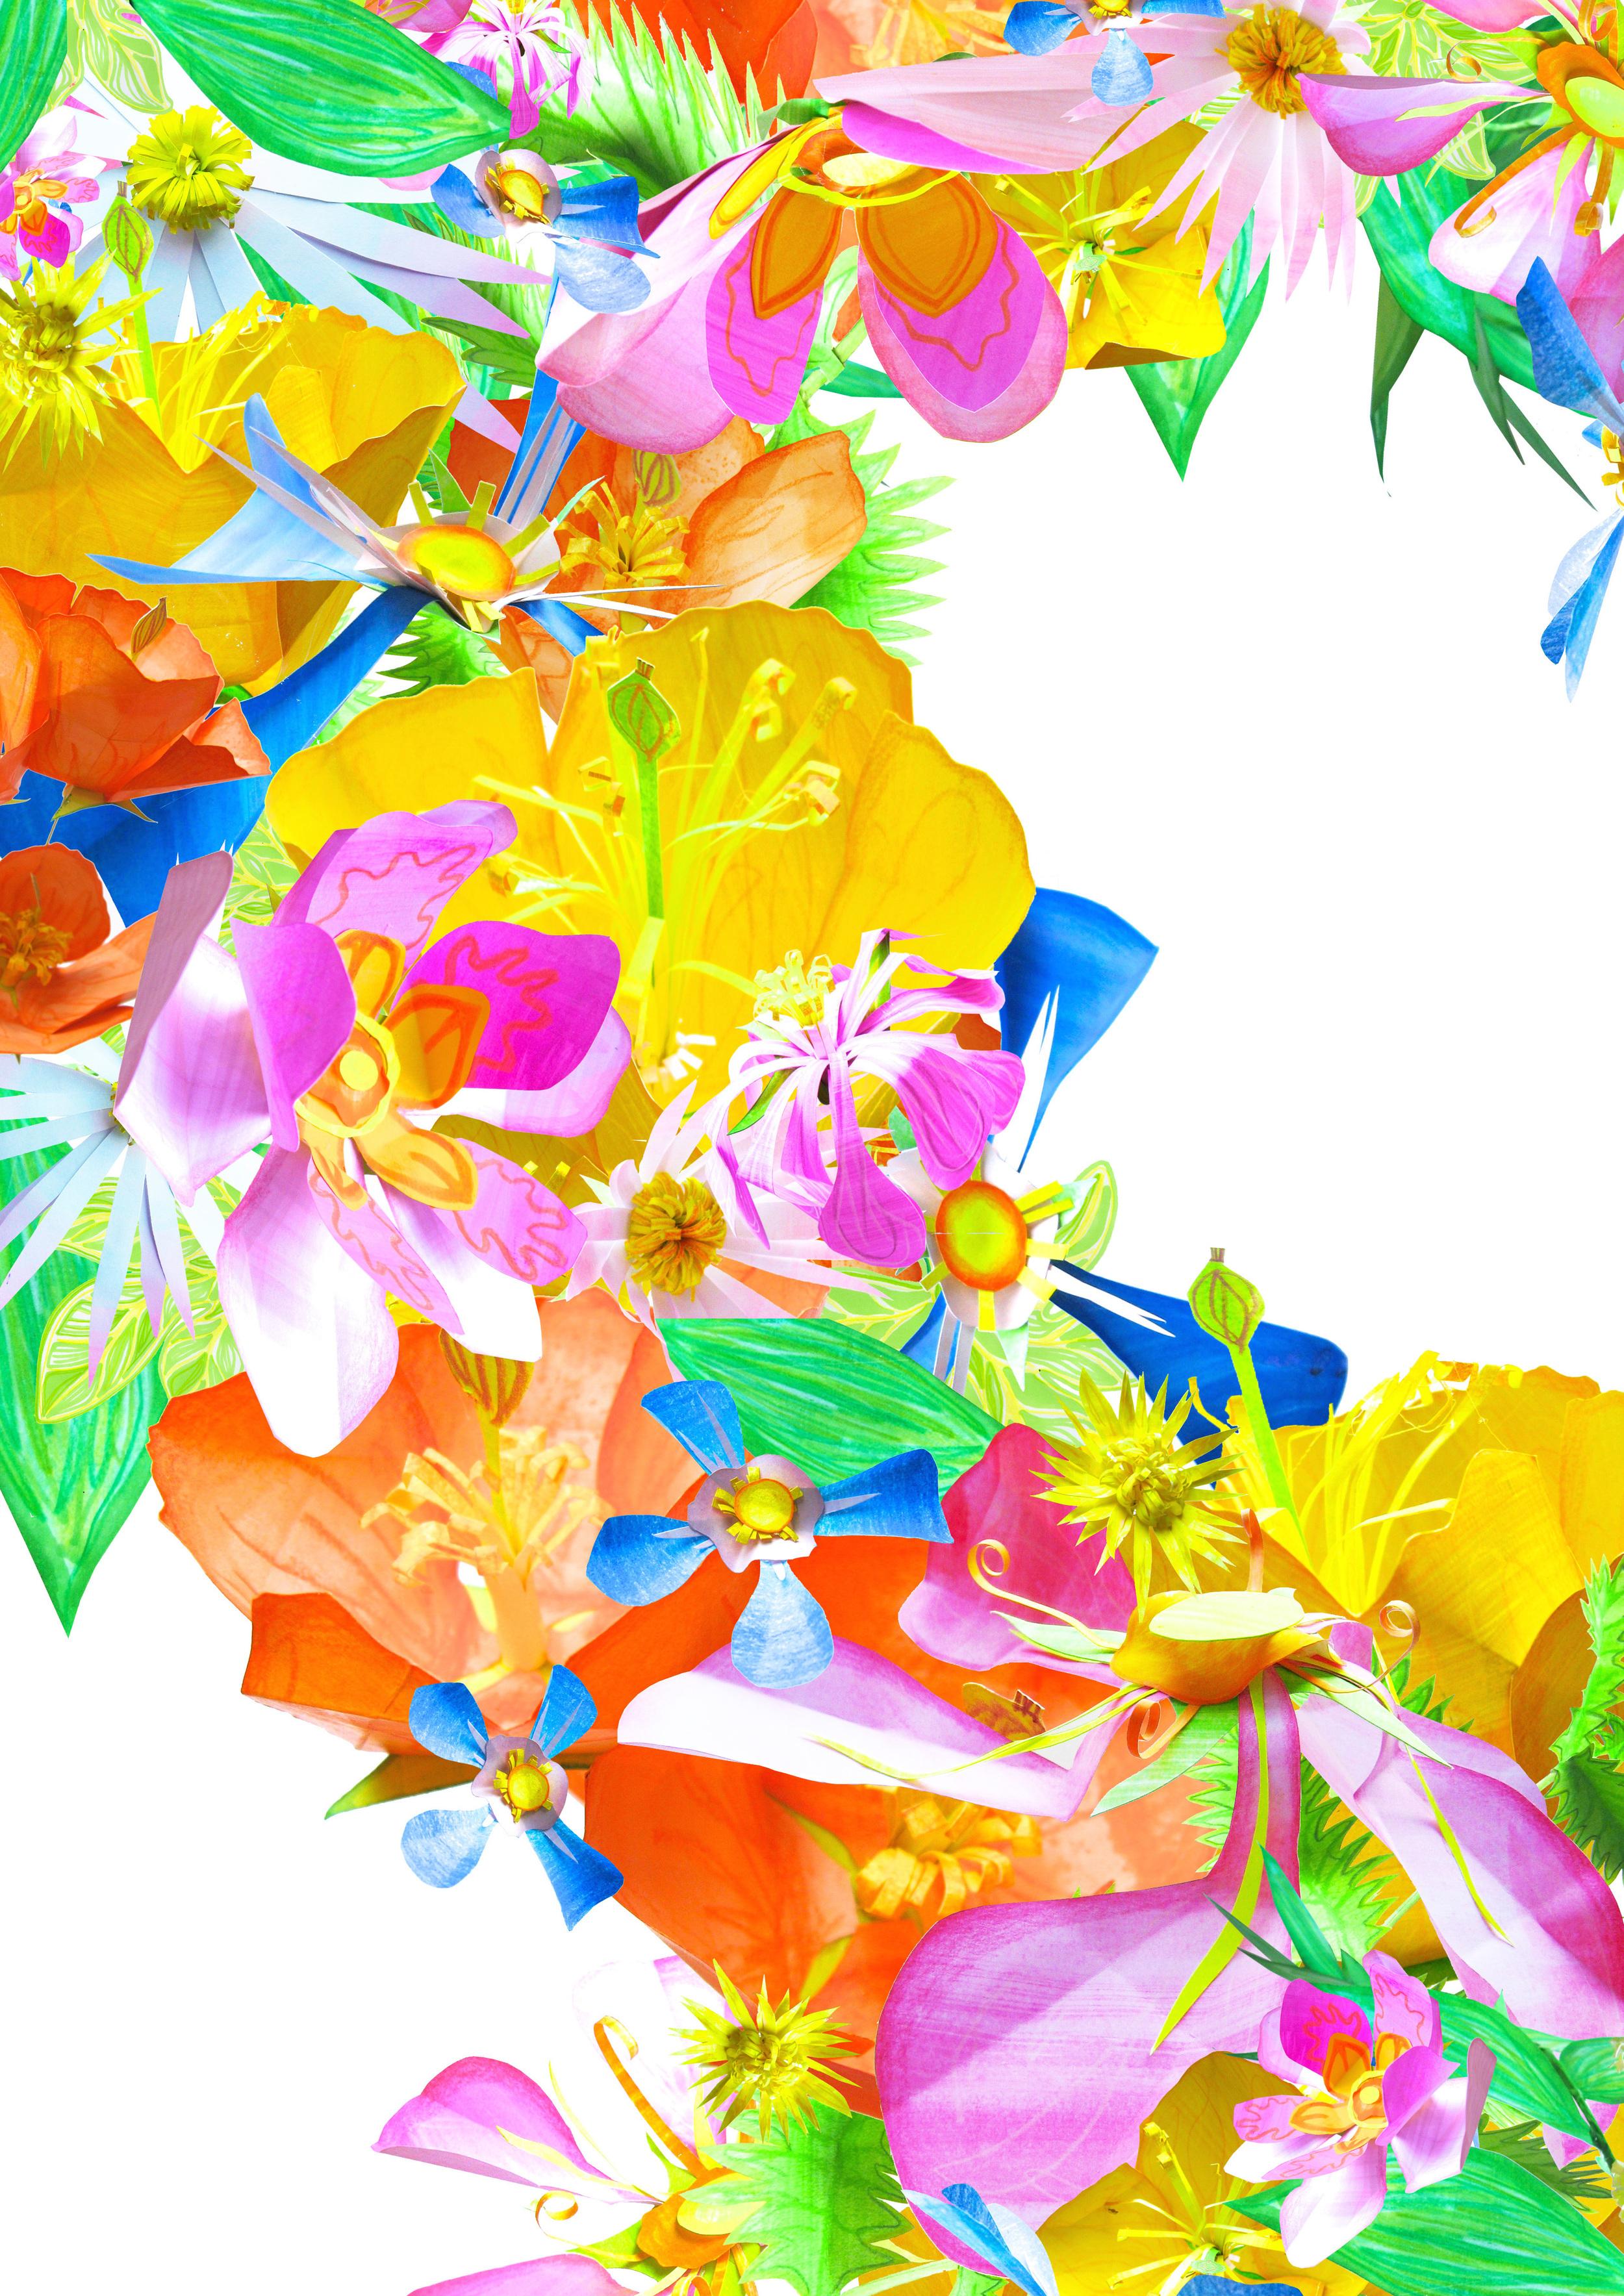 tumblingflowers.jpg